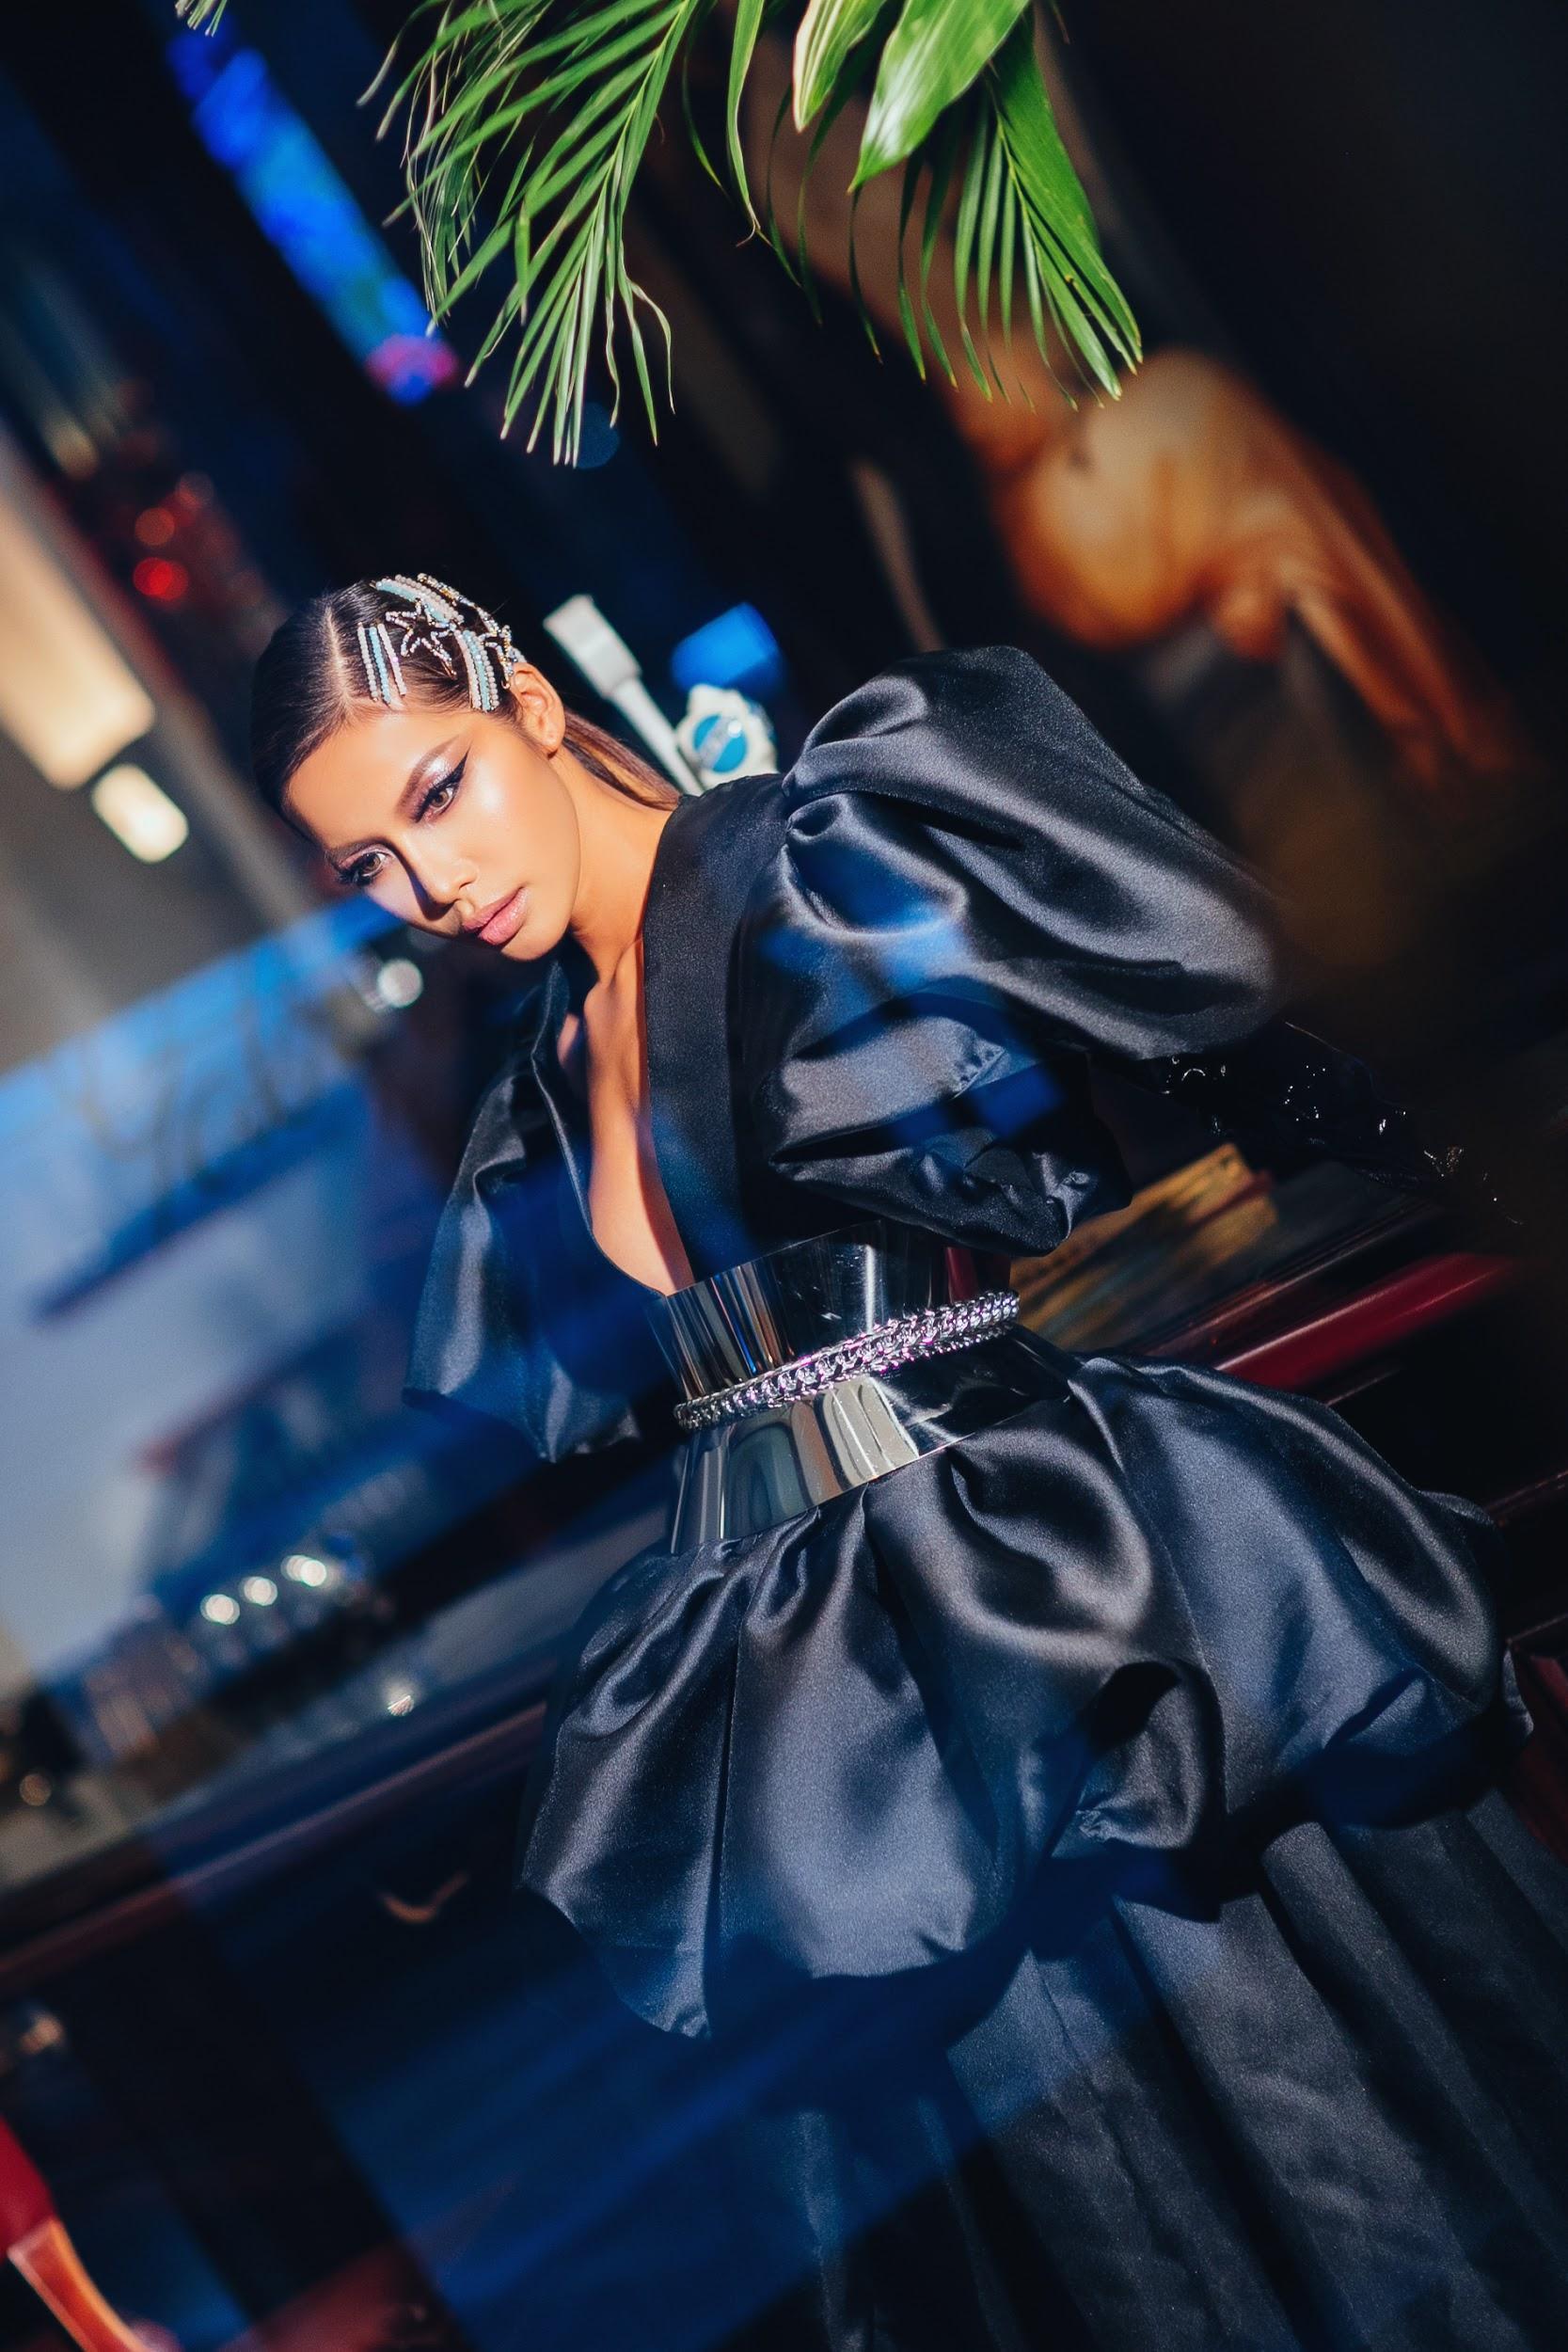 Mãn nhãn với loạt hairstyle đẳng cấp của Minh Tú trong lần tham dự New York Fashion Week Spring/Summer 2020 - Ảnh 2.